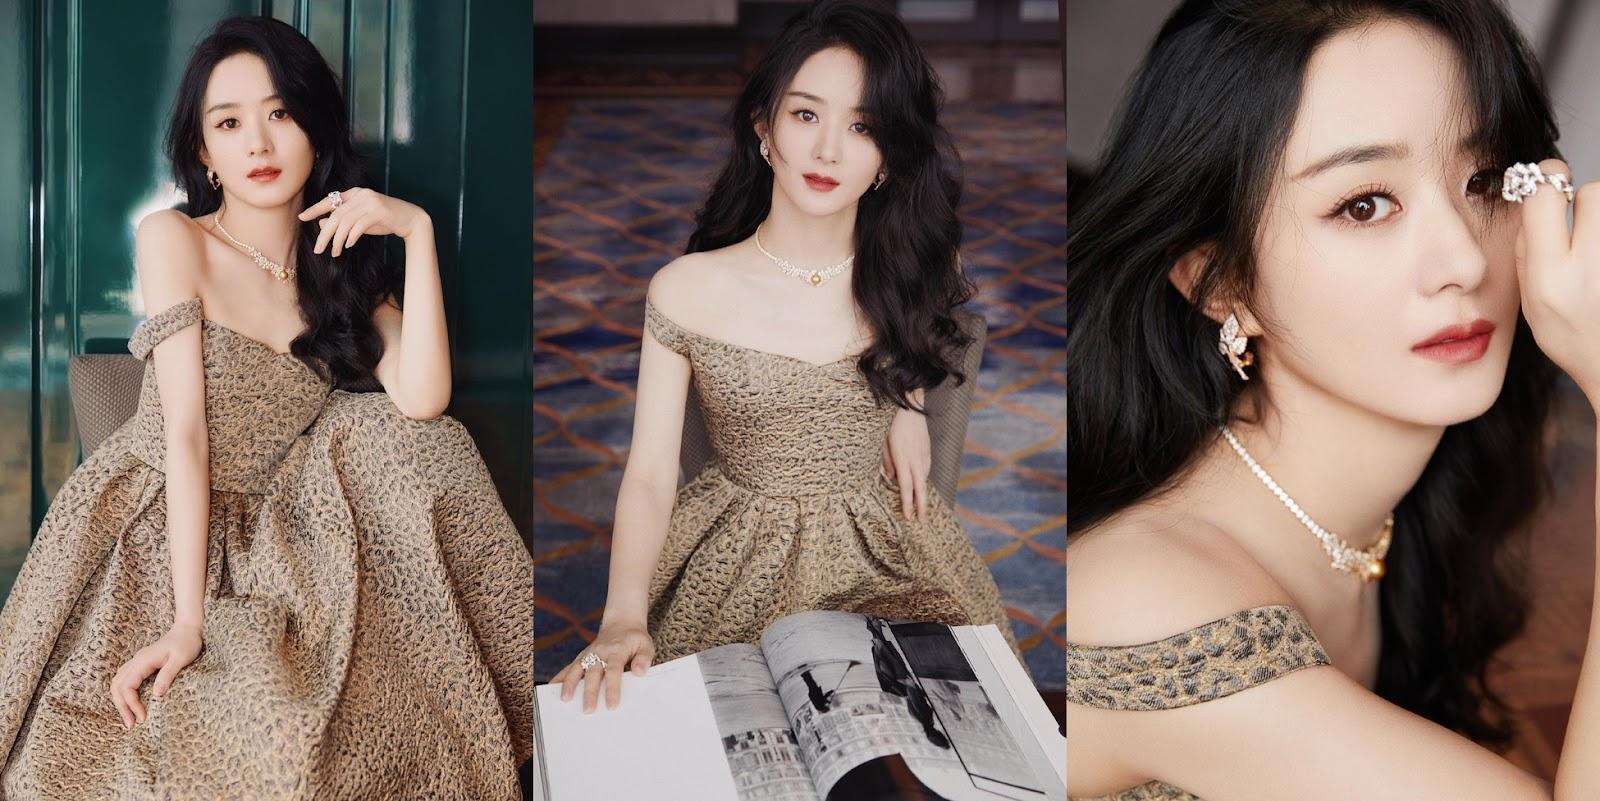 """Triệu Lệ Dĩnh đẹp ná thở trên thảm đỏ, lấn lướt Cảnh Điềm """"đệ nhất mỹ nữ Bắc Kinh"""" - ảnh 11"""